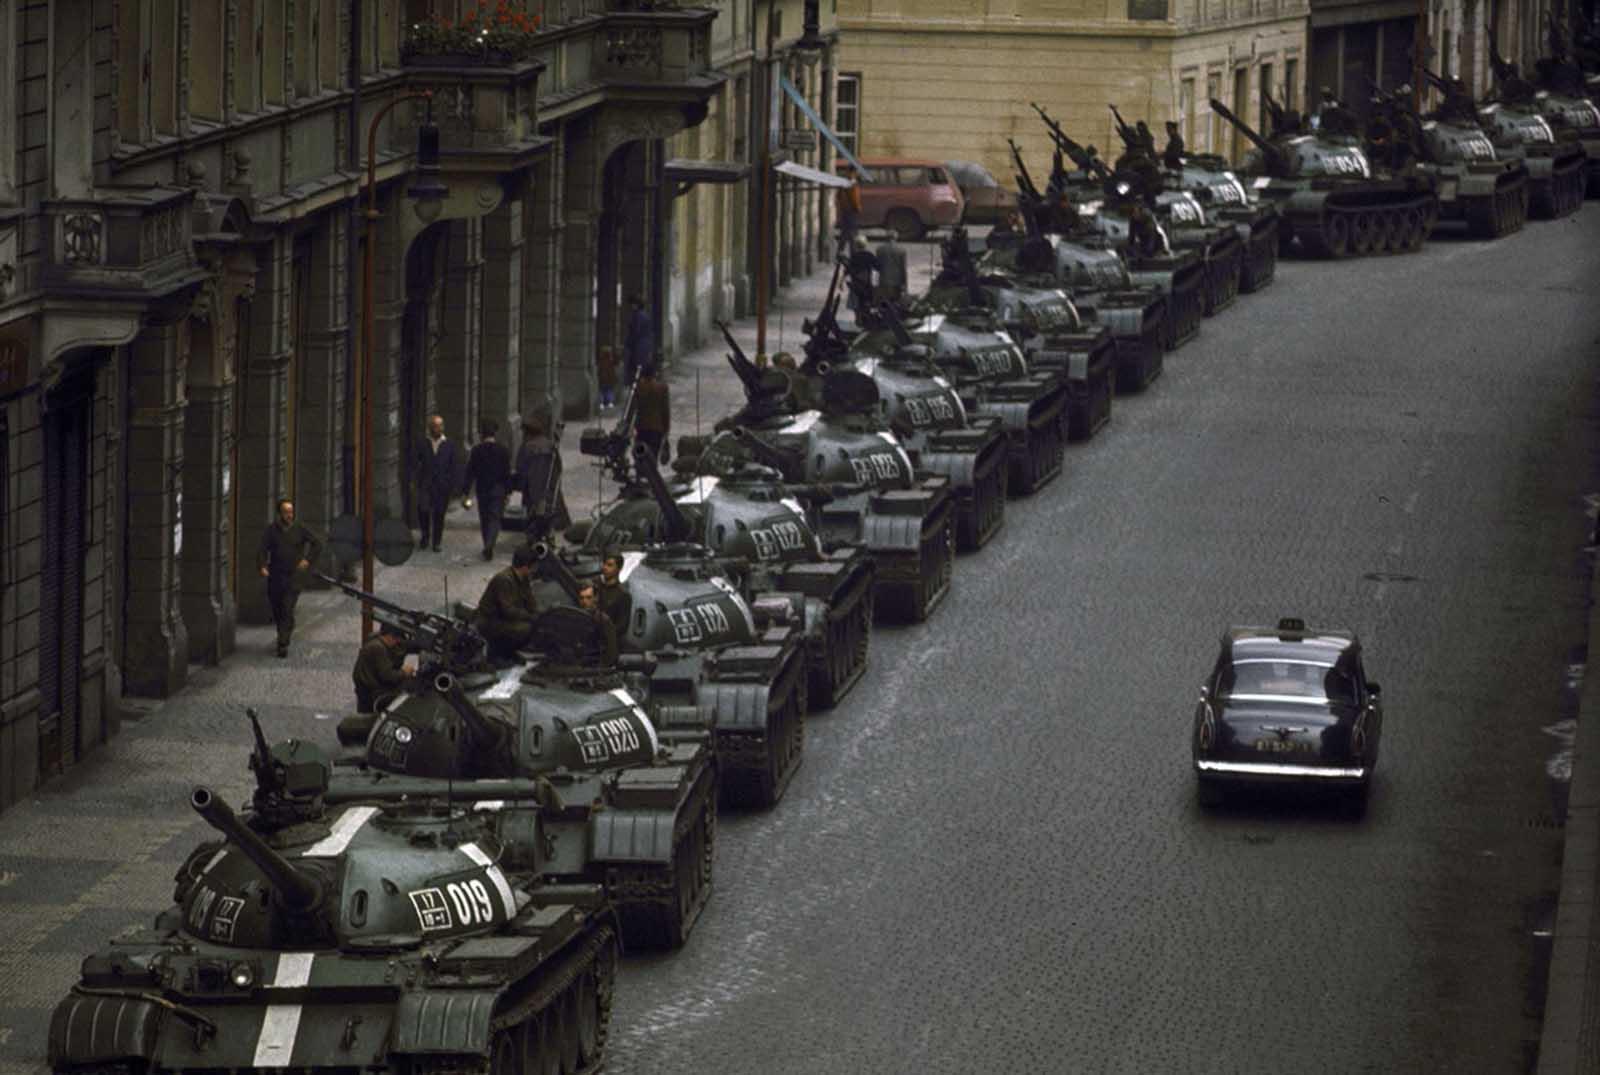 Un automóvil solitario pasa docenas de tanques soviéticos durante la invasión de Checoslovaquia en 1968.